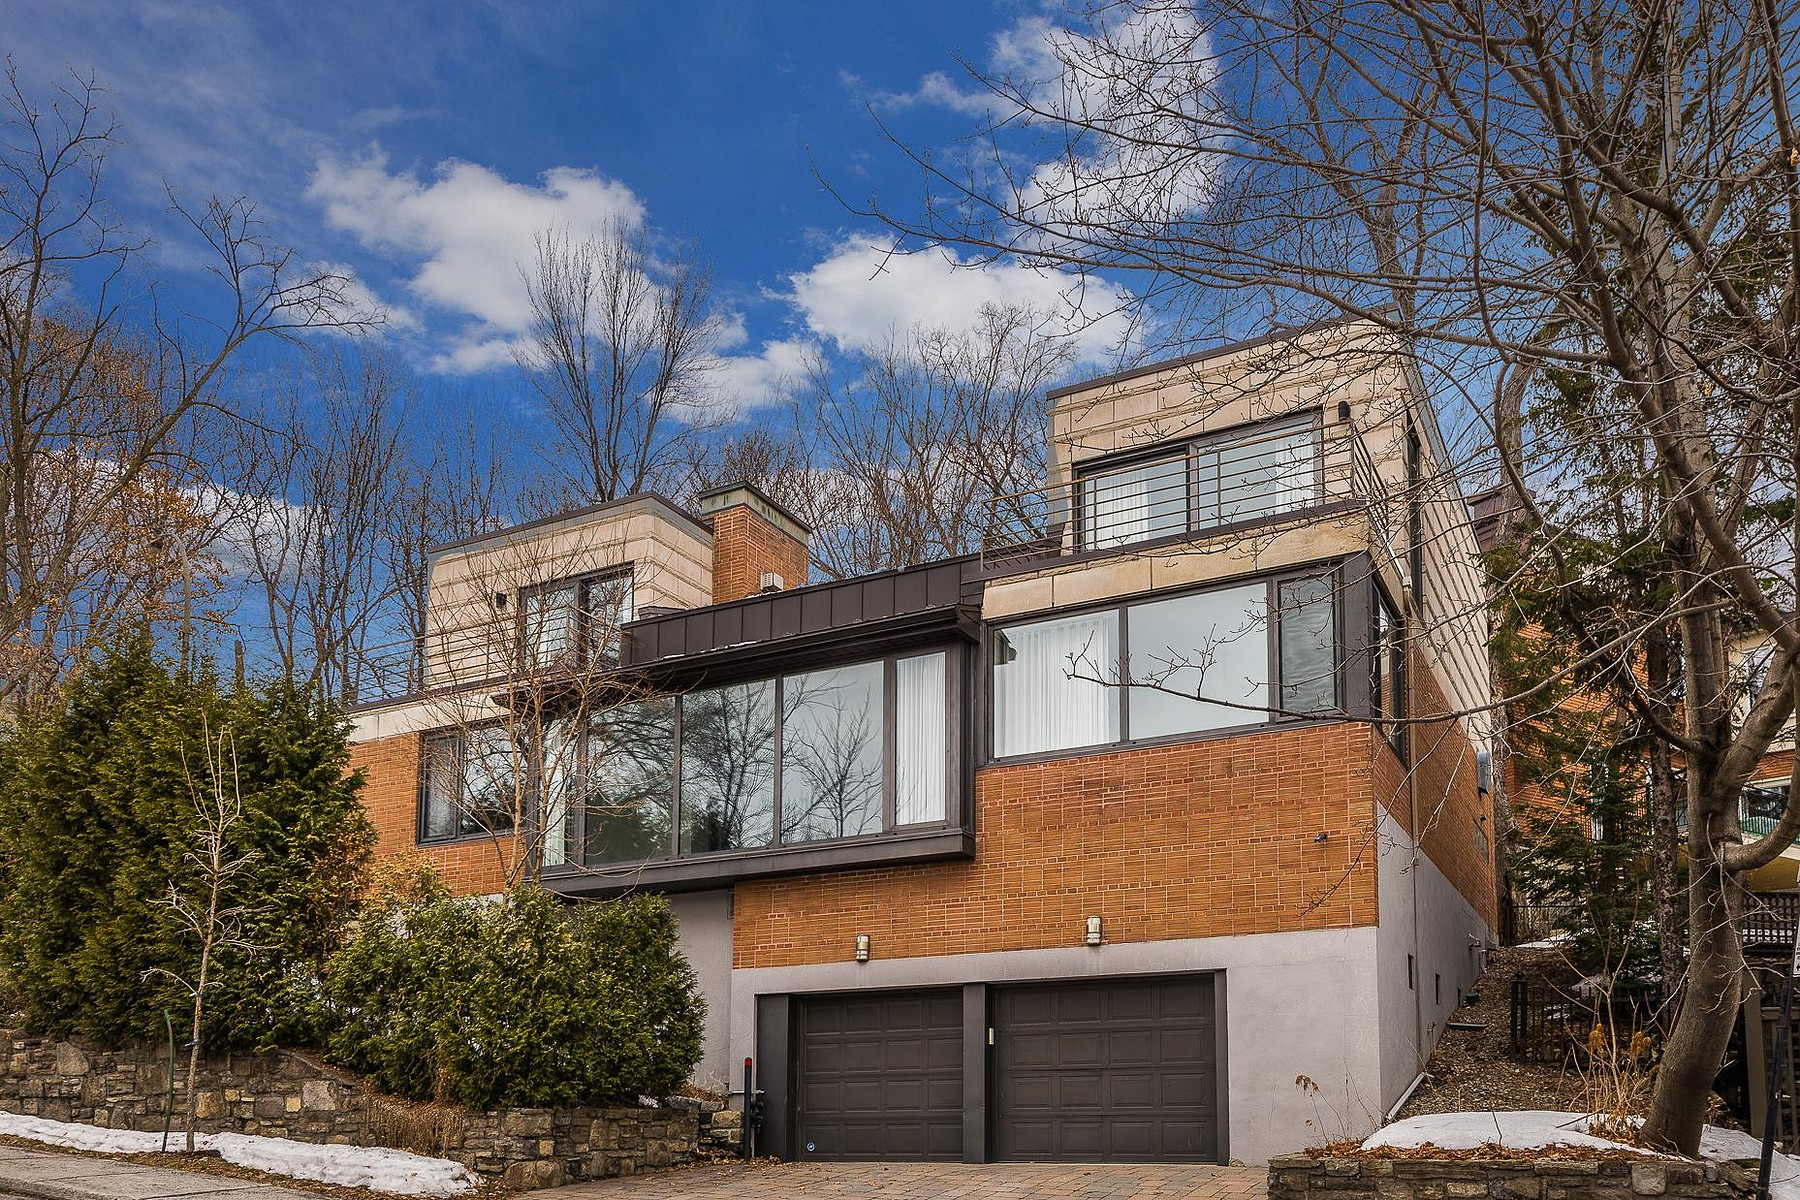 Maison unifamiliale pour l Vente à Ville-Marie, Montréal 3074 Ch. St-Sulpice, Ville-Marie, Québec, H3G1K4 Canada